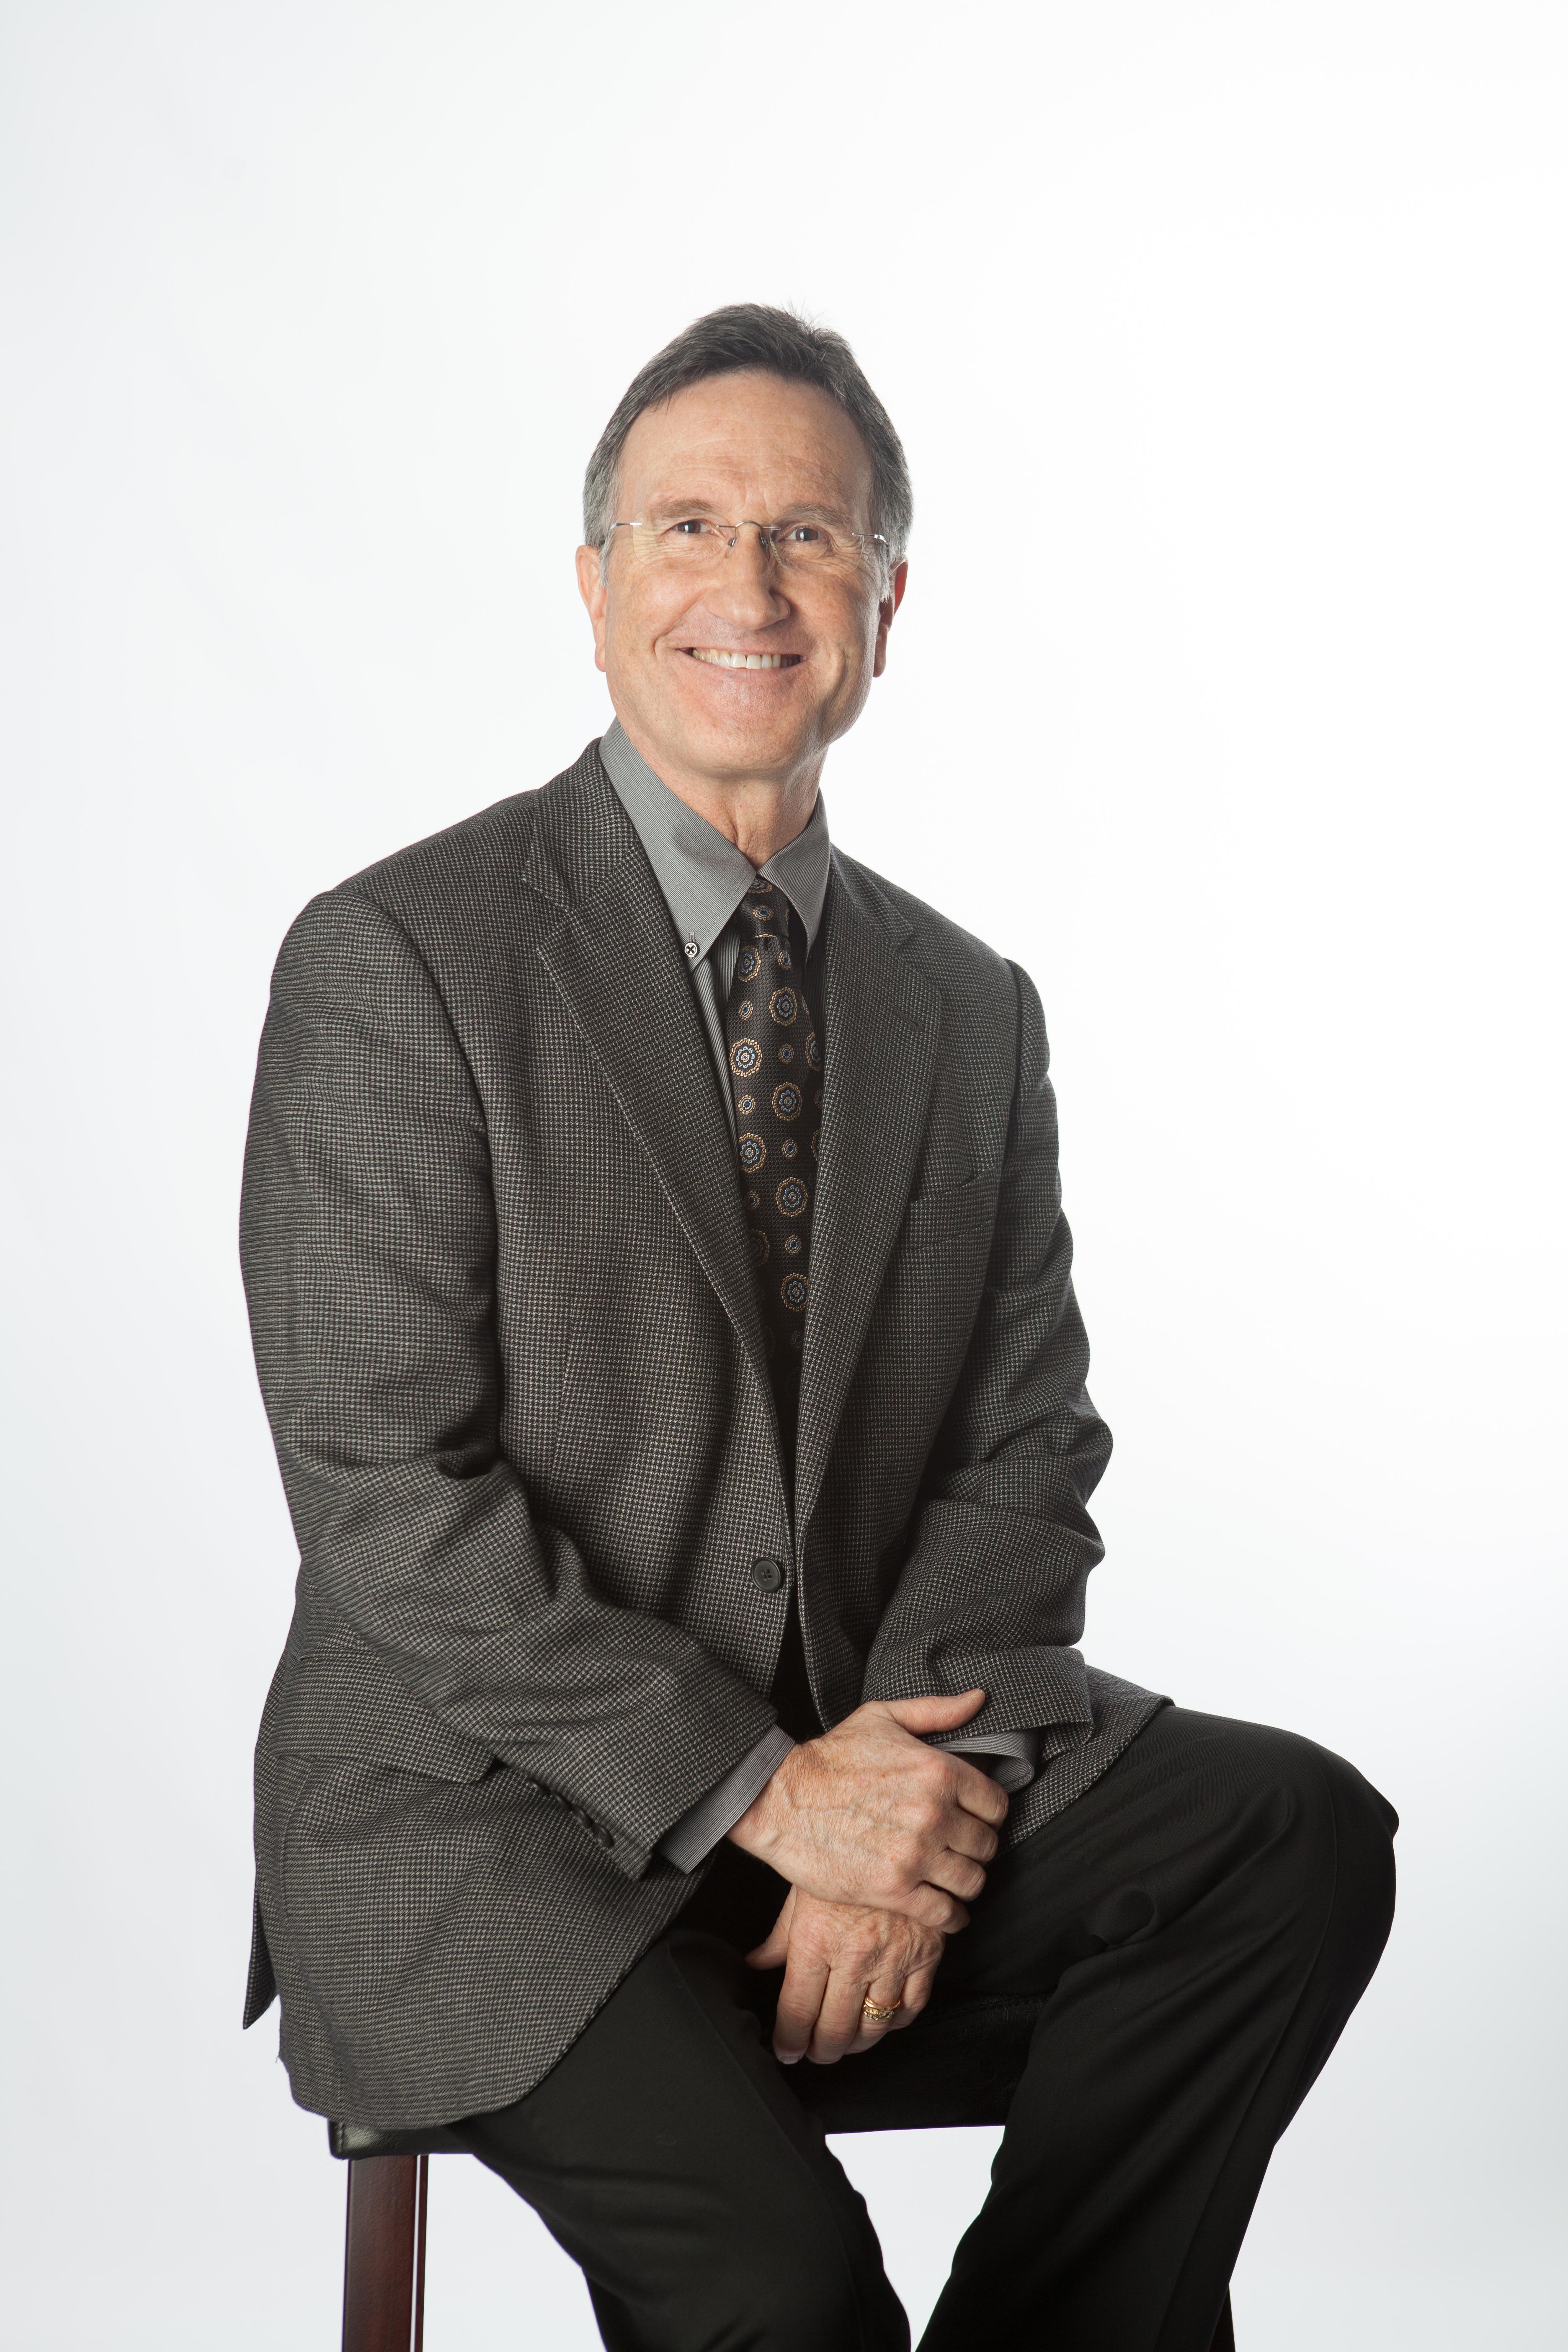 Doug Sitting